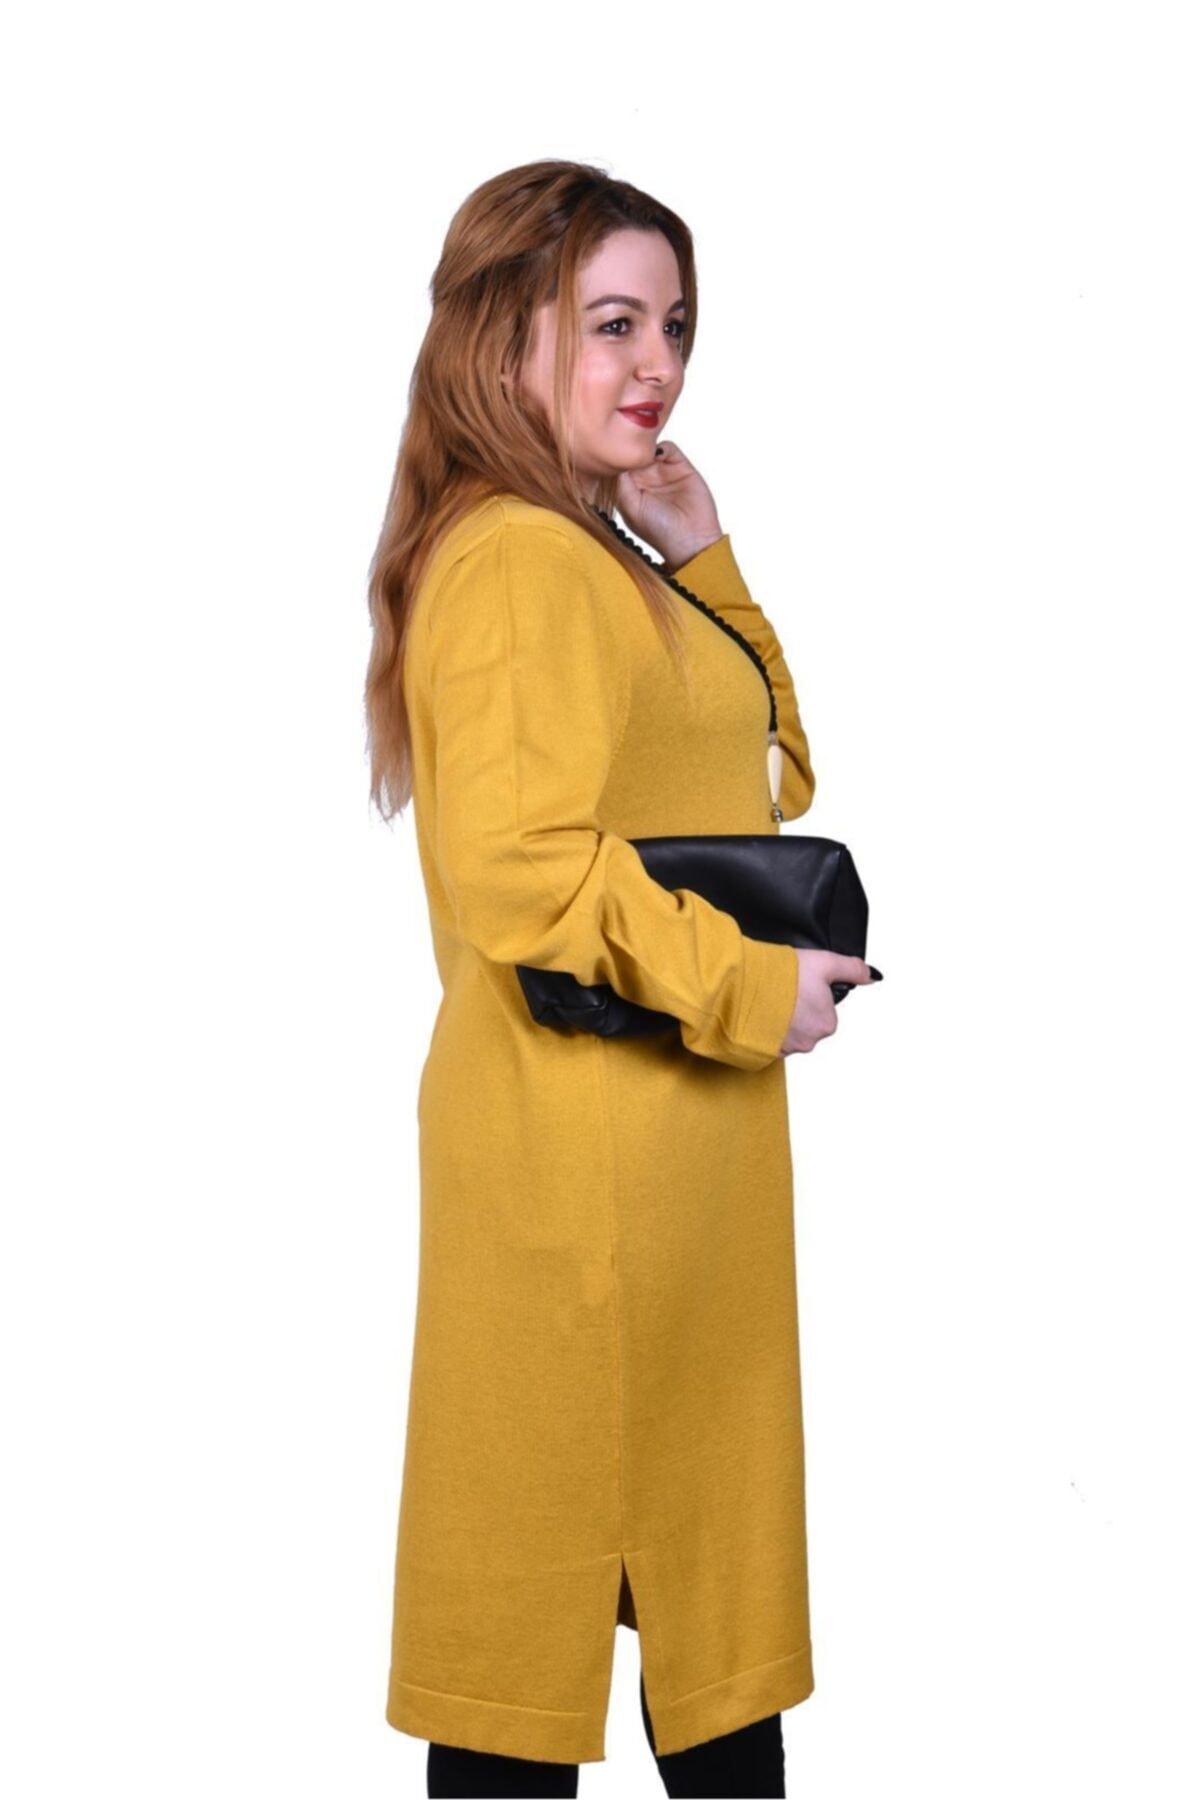 Novinza Kadın Büyük Beden Ince Örgü Basıc Triko Tunik-hardal 2